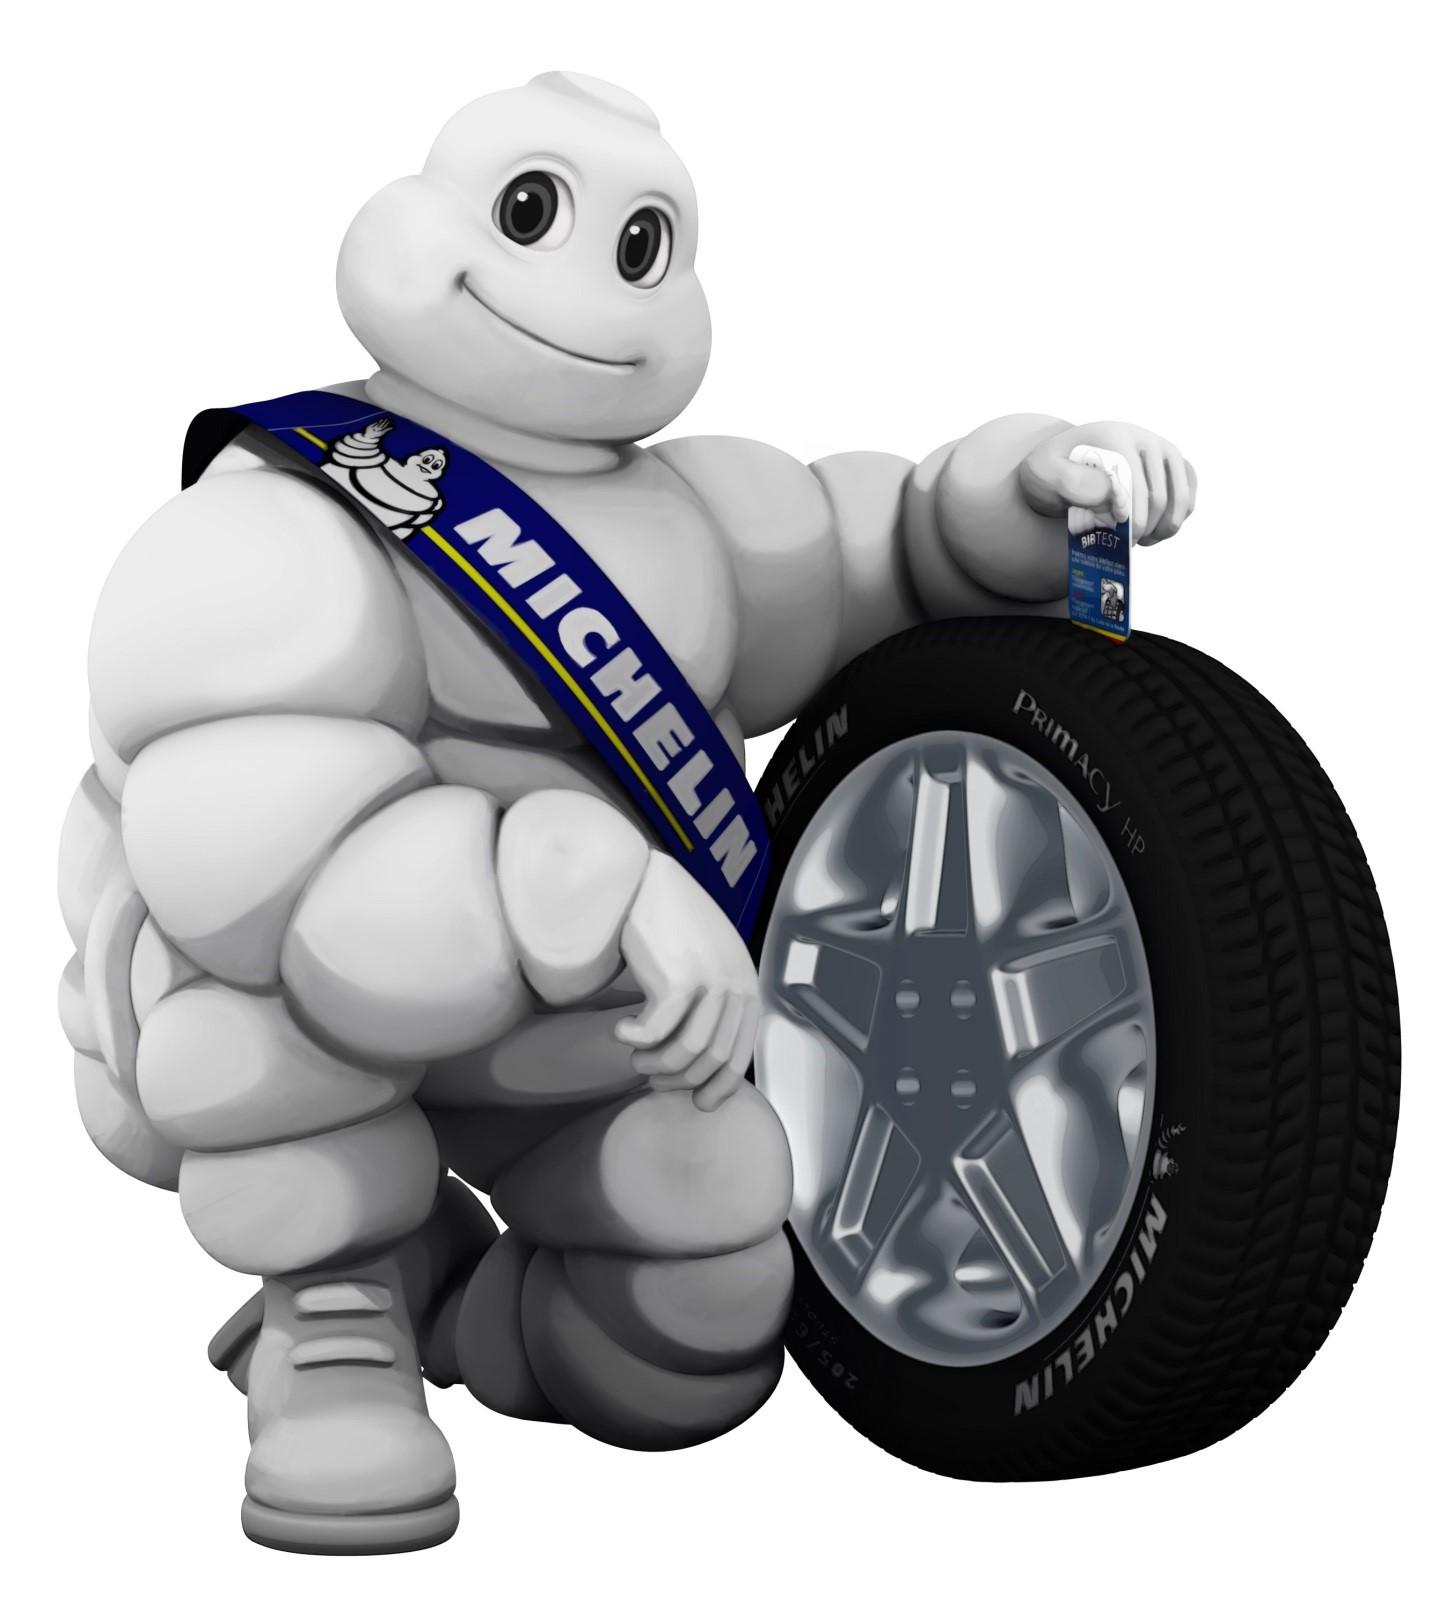 Lốp Michelin nổi bật với độ êm và thân thiện với môi trường